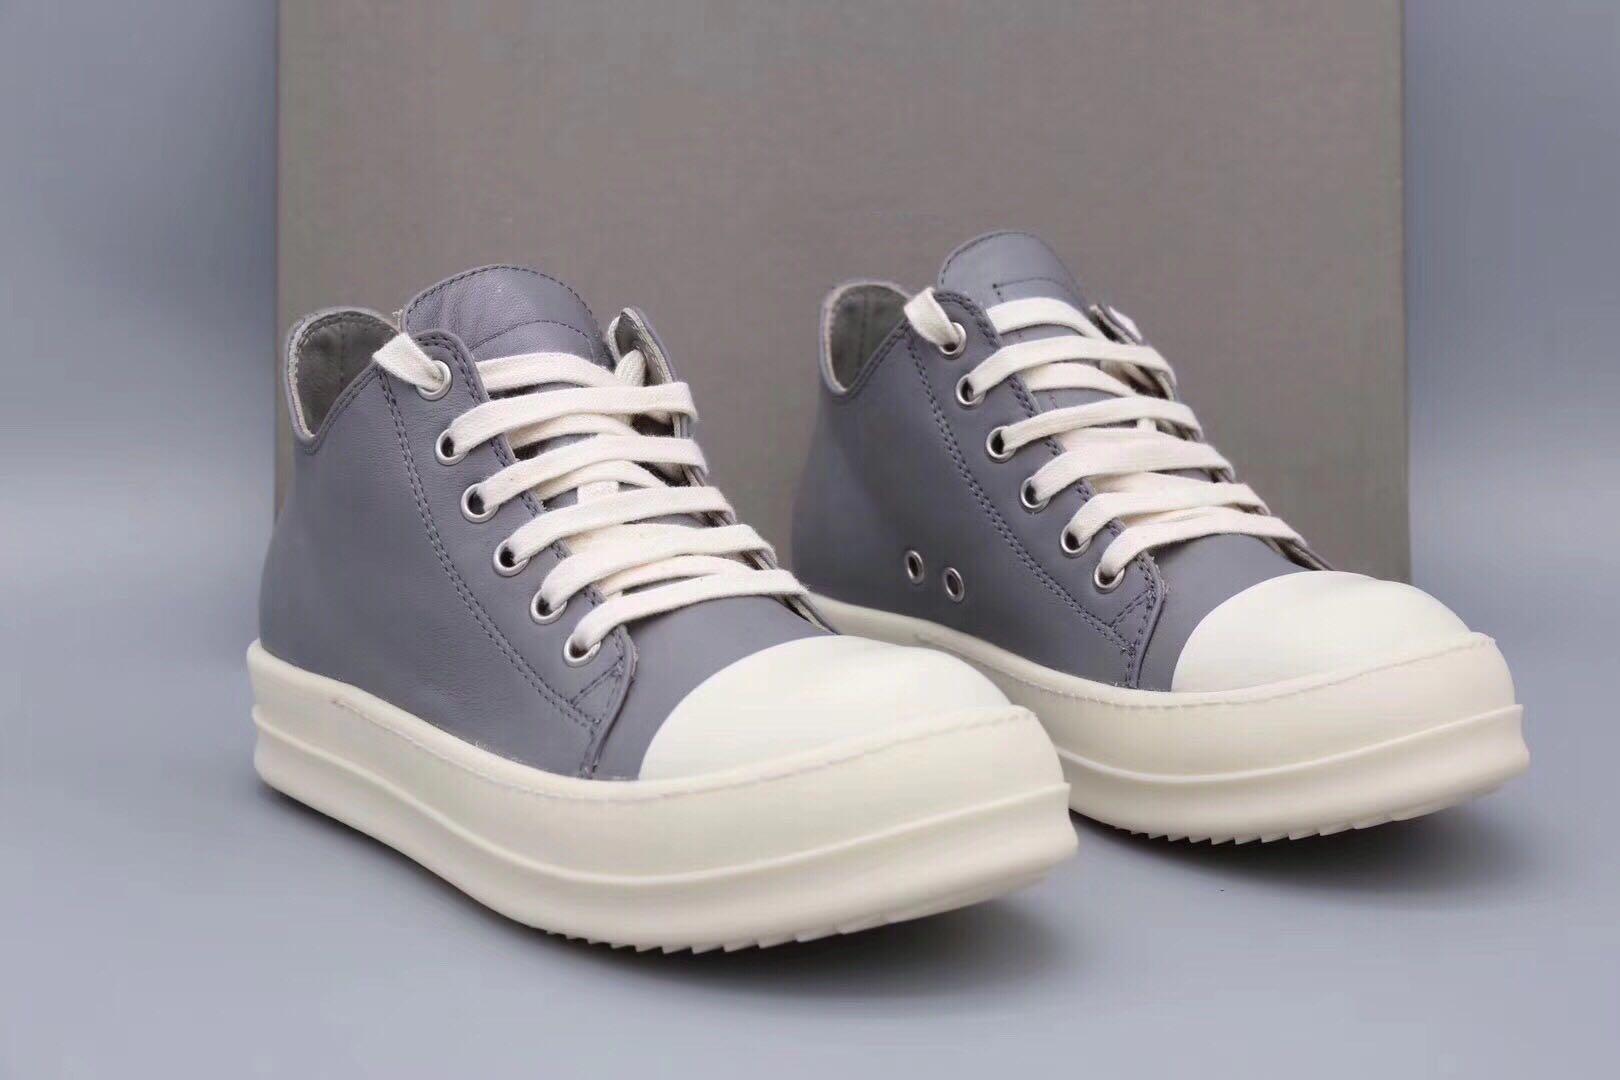 水泥灰色鞋子 定制高级皮 TPU奶香底 男女情侣款低帮系带休闲鞋